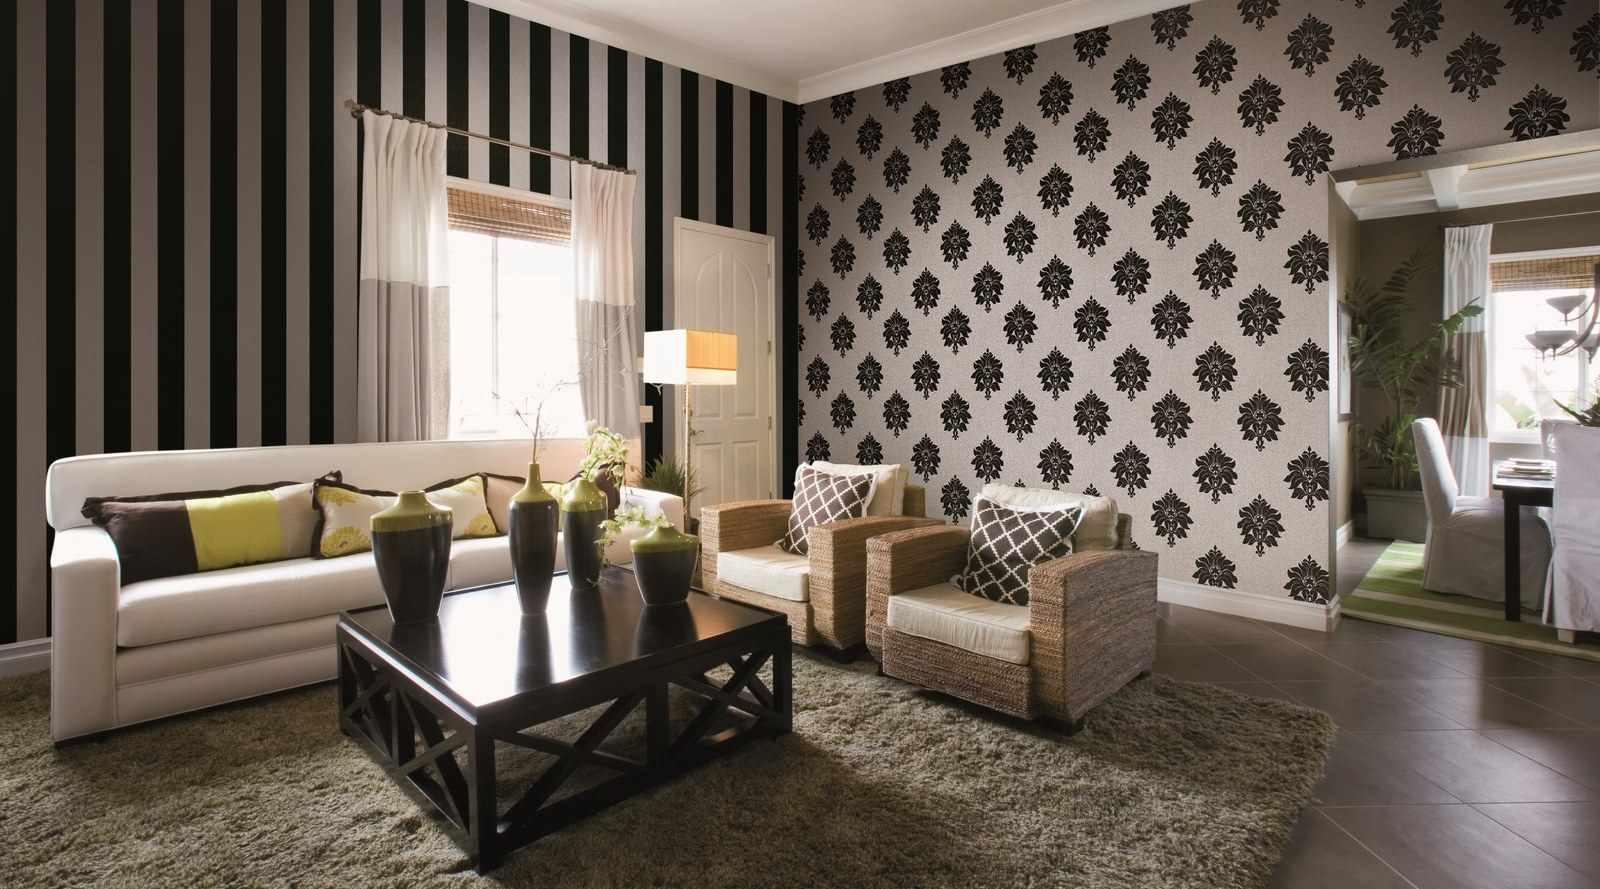 Un exemple d'un design lumineux de papier peint pour le salon